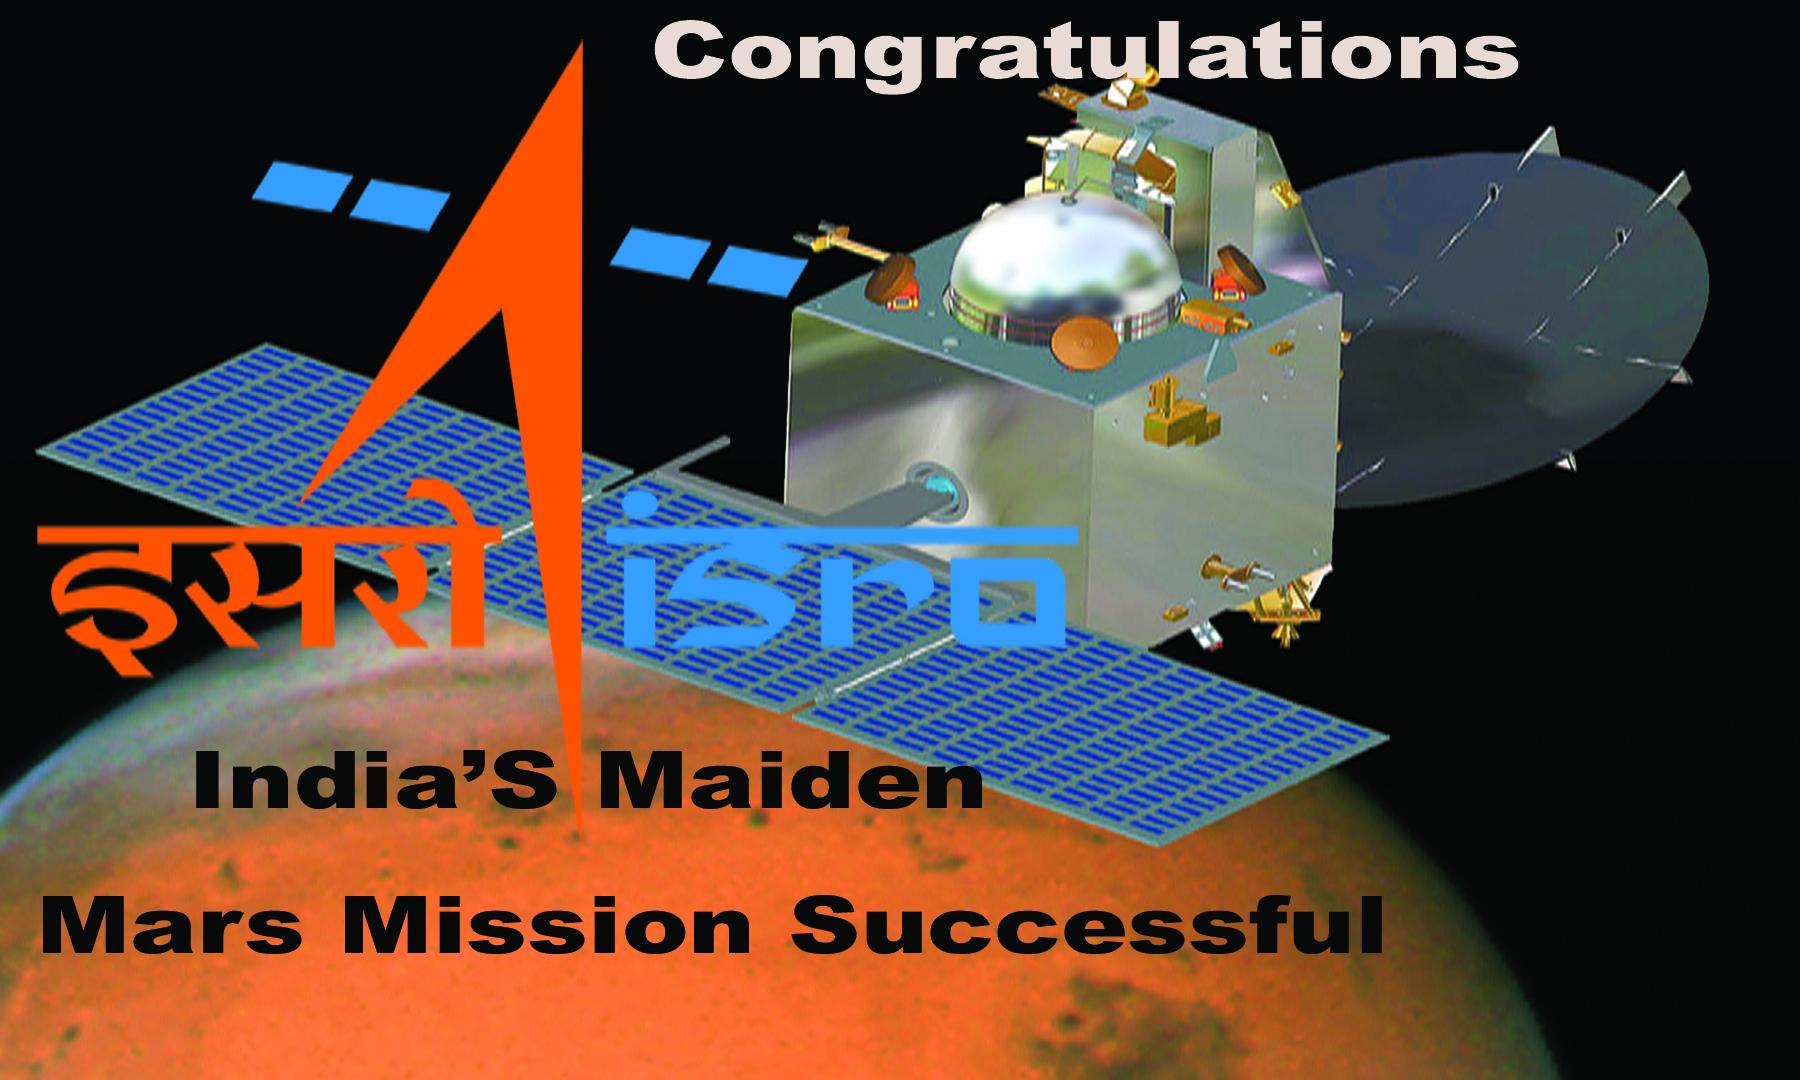 isro mars mission news - photo #18